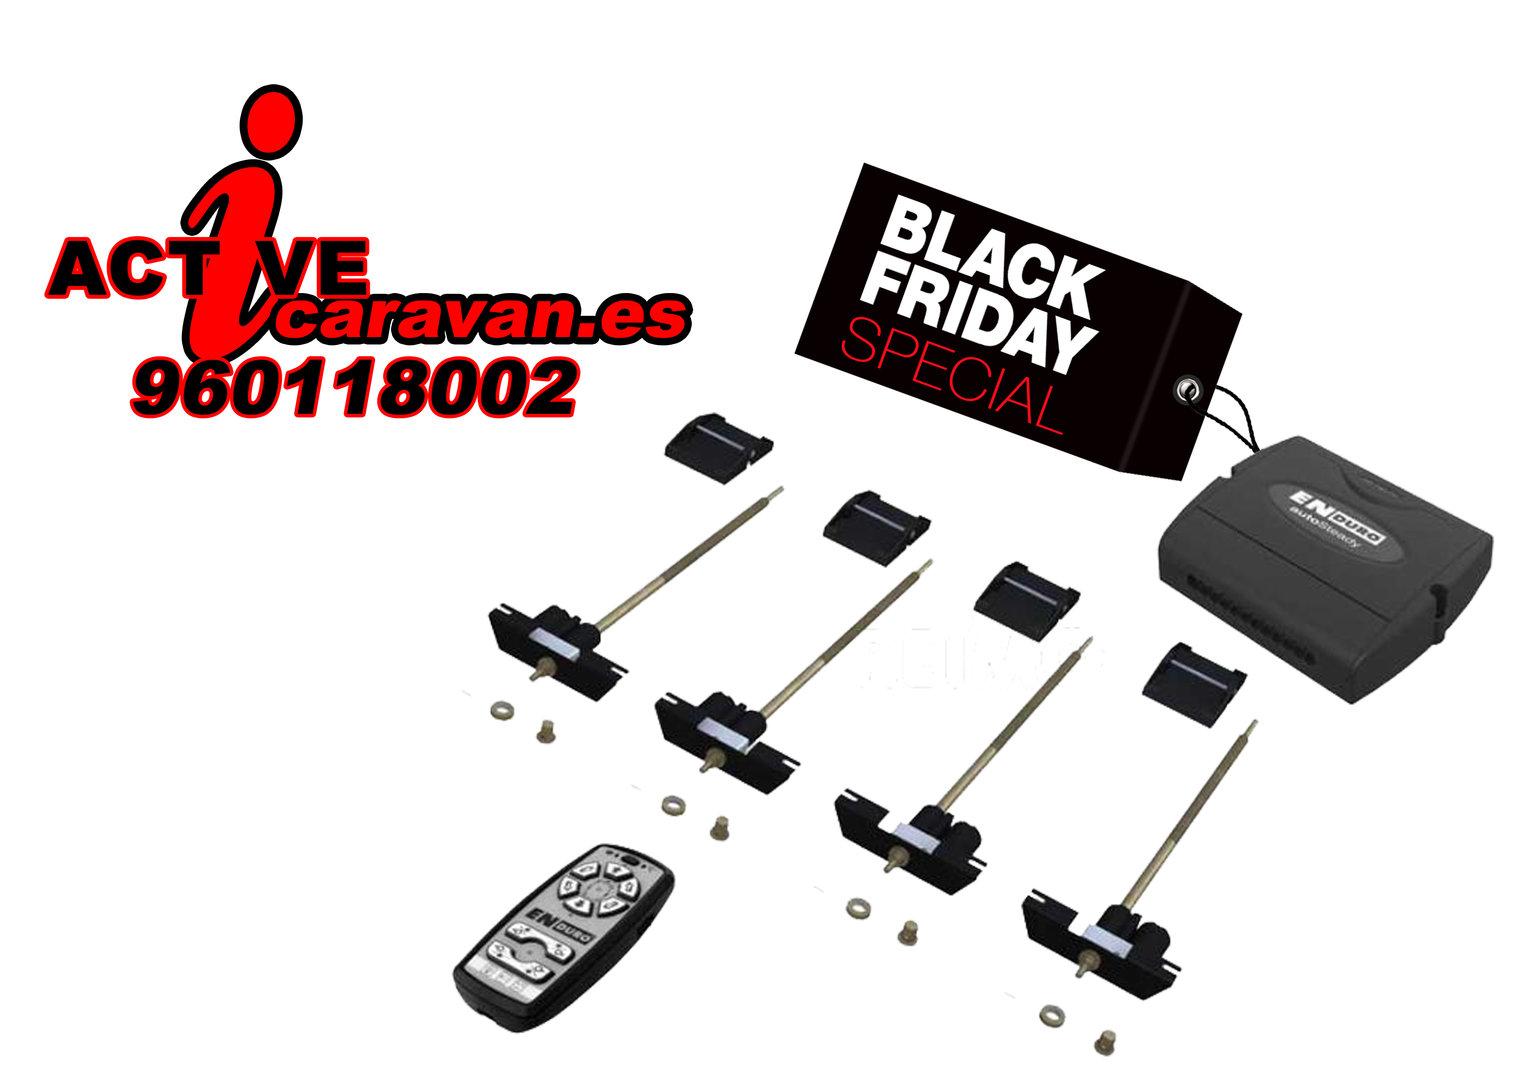 Estabilizadores patas el ctricas enduro oferta black for Black friday herramientas electricas